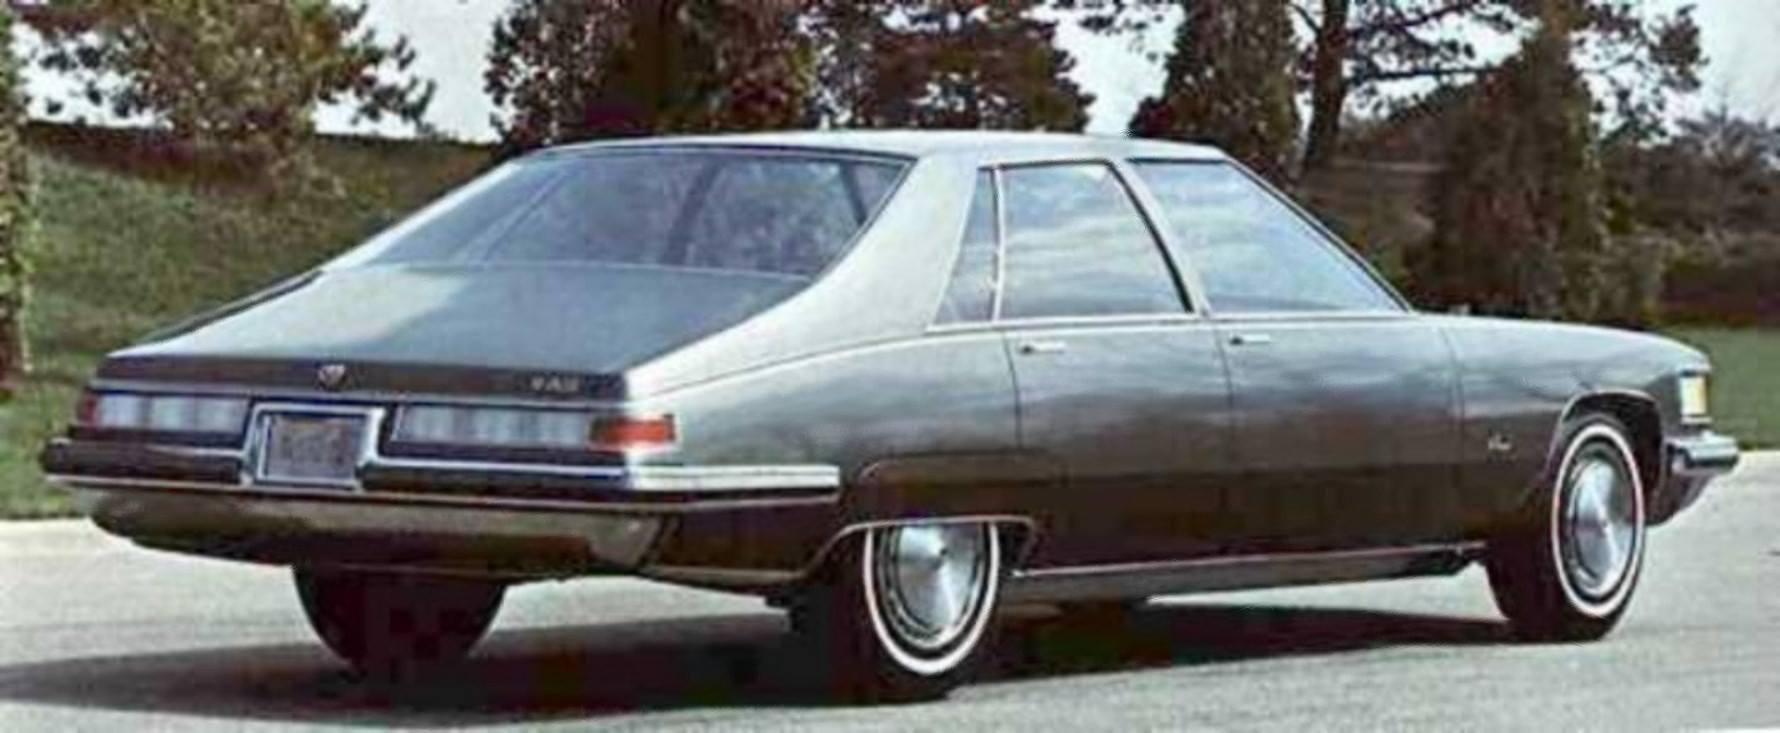 1972-Cadillac-LaSalle-2